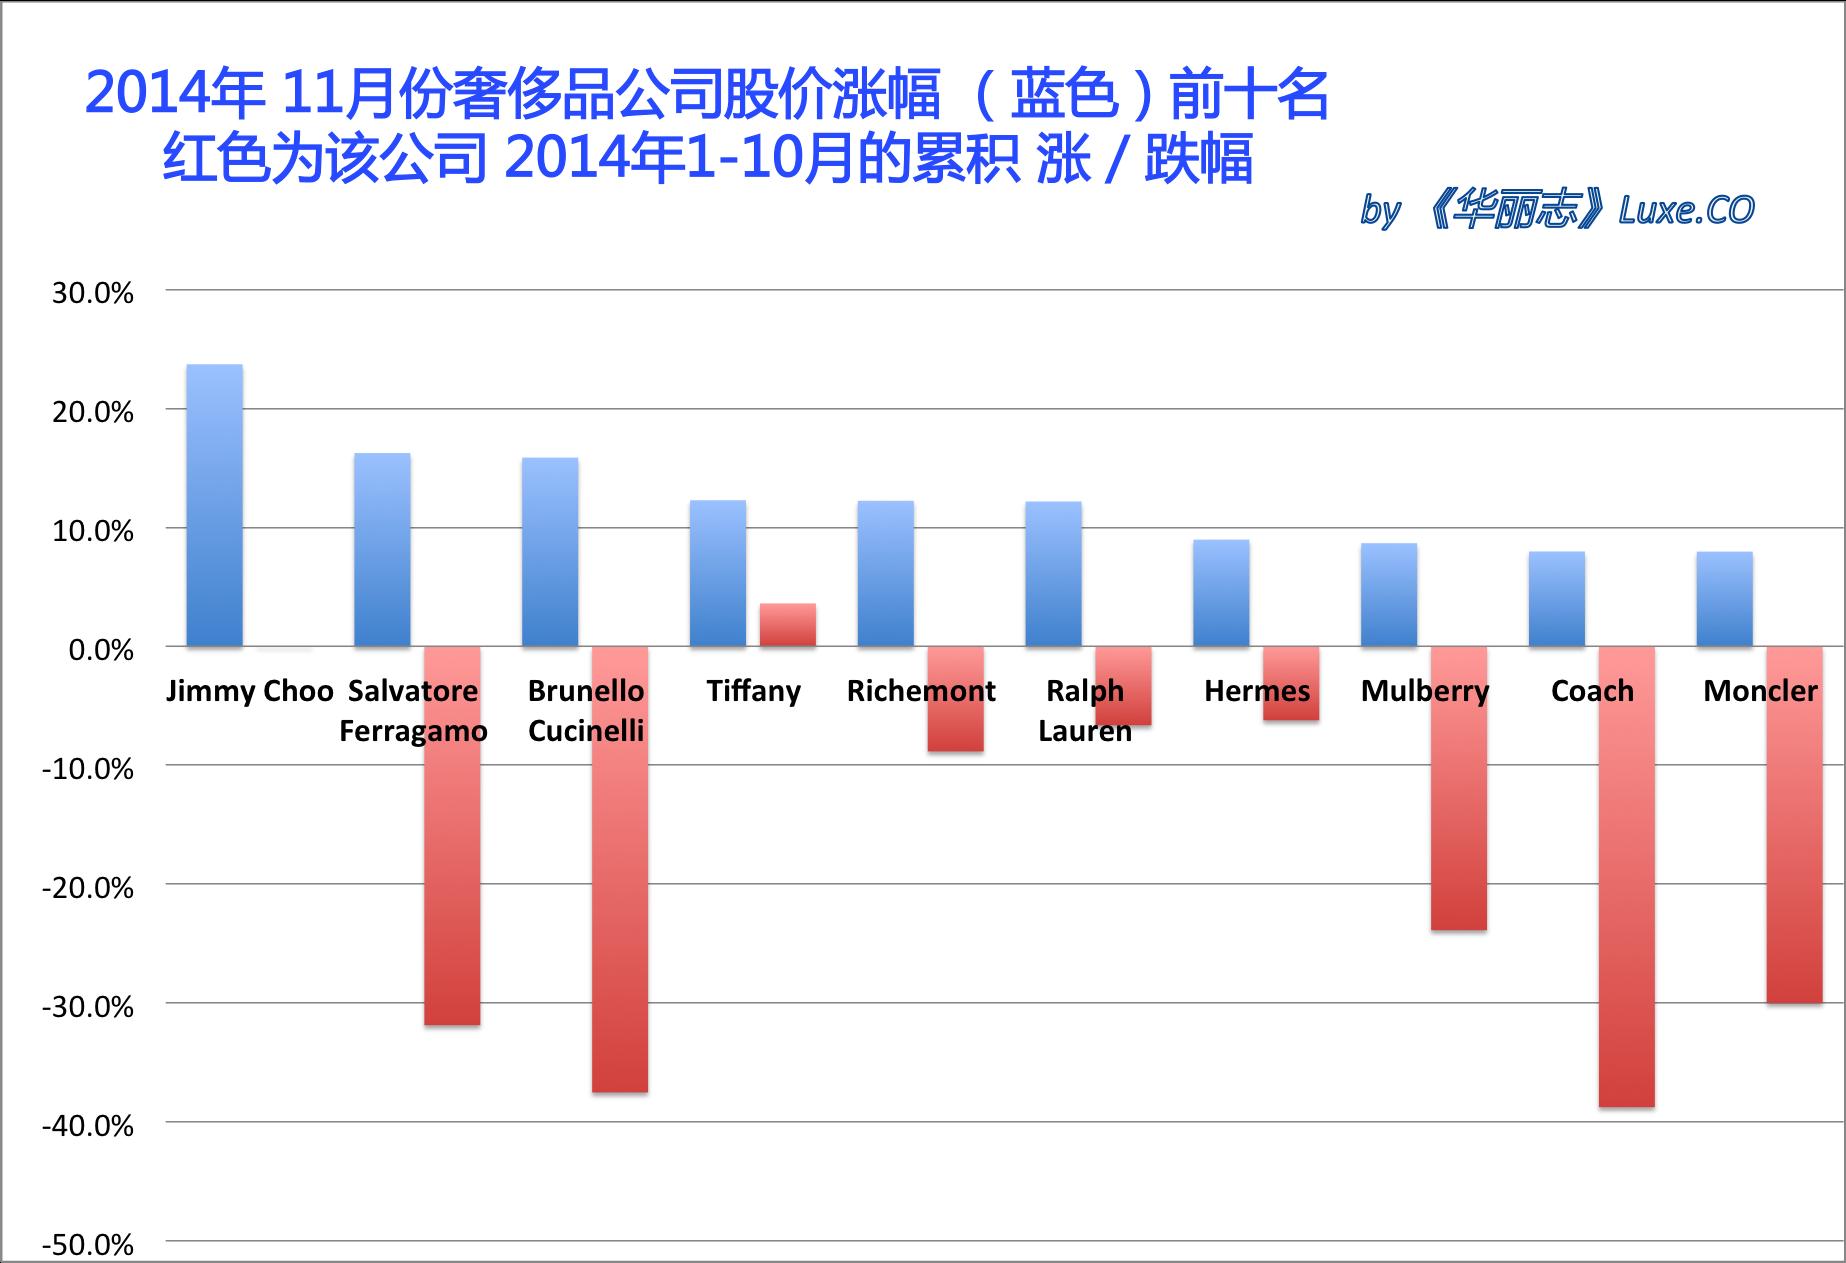 《华丽志》奢侈品股票月度排行榜 (2014年11月)